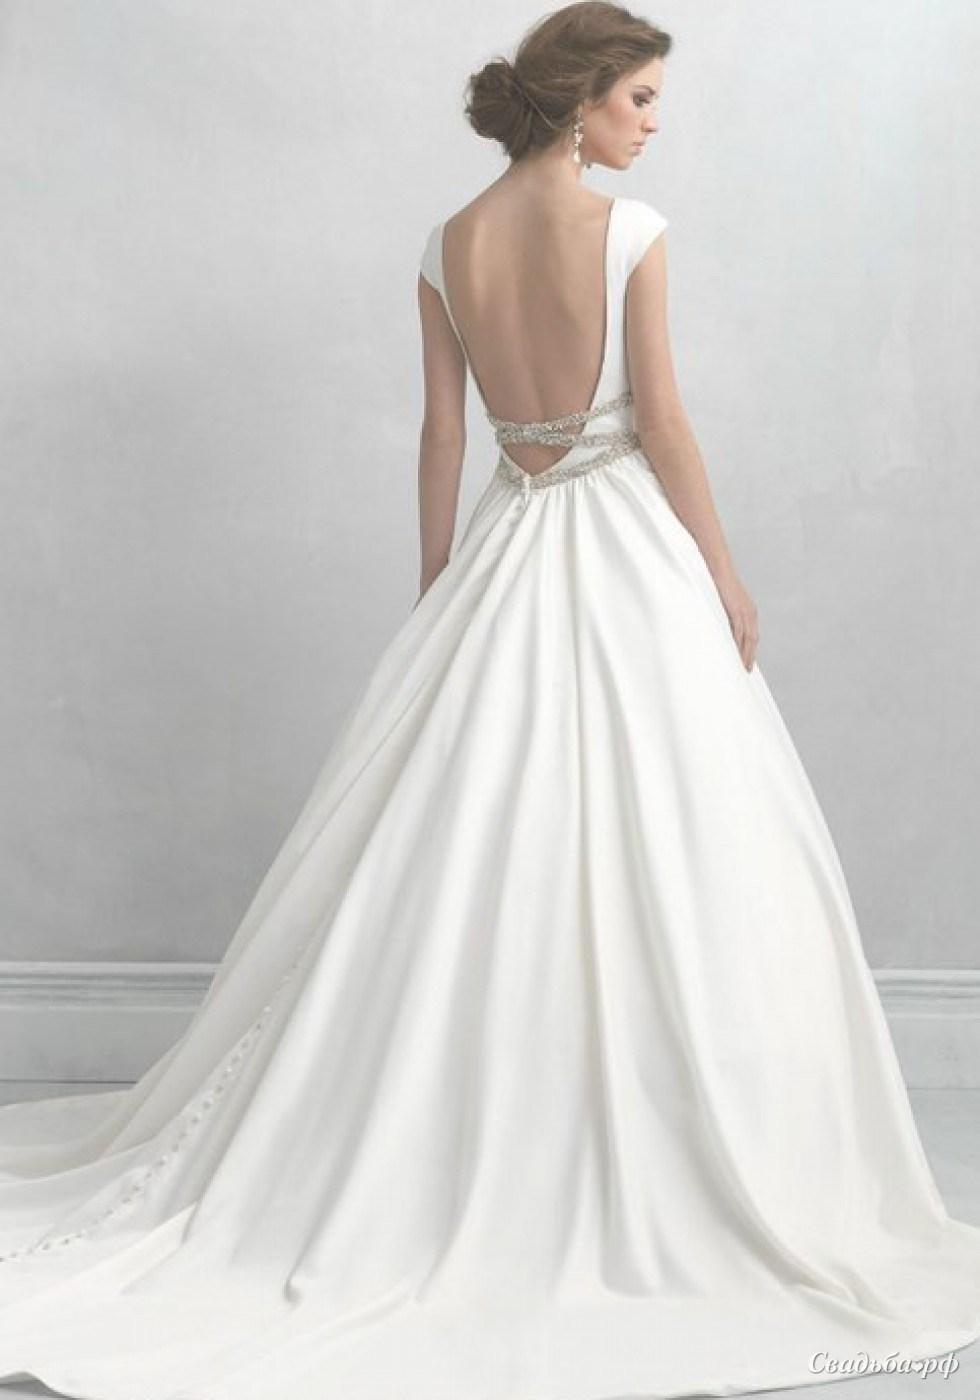 Купить свадебное платье К354 (цвета: белый) - Свадебный салон КРУЖЕВА